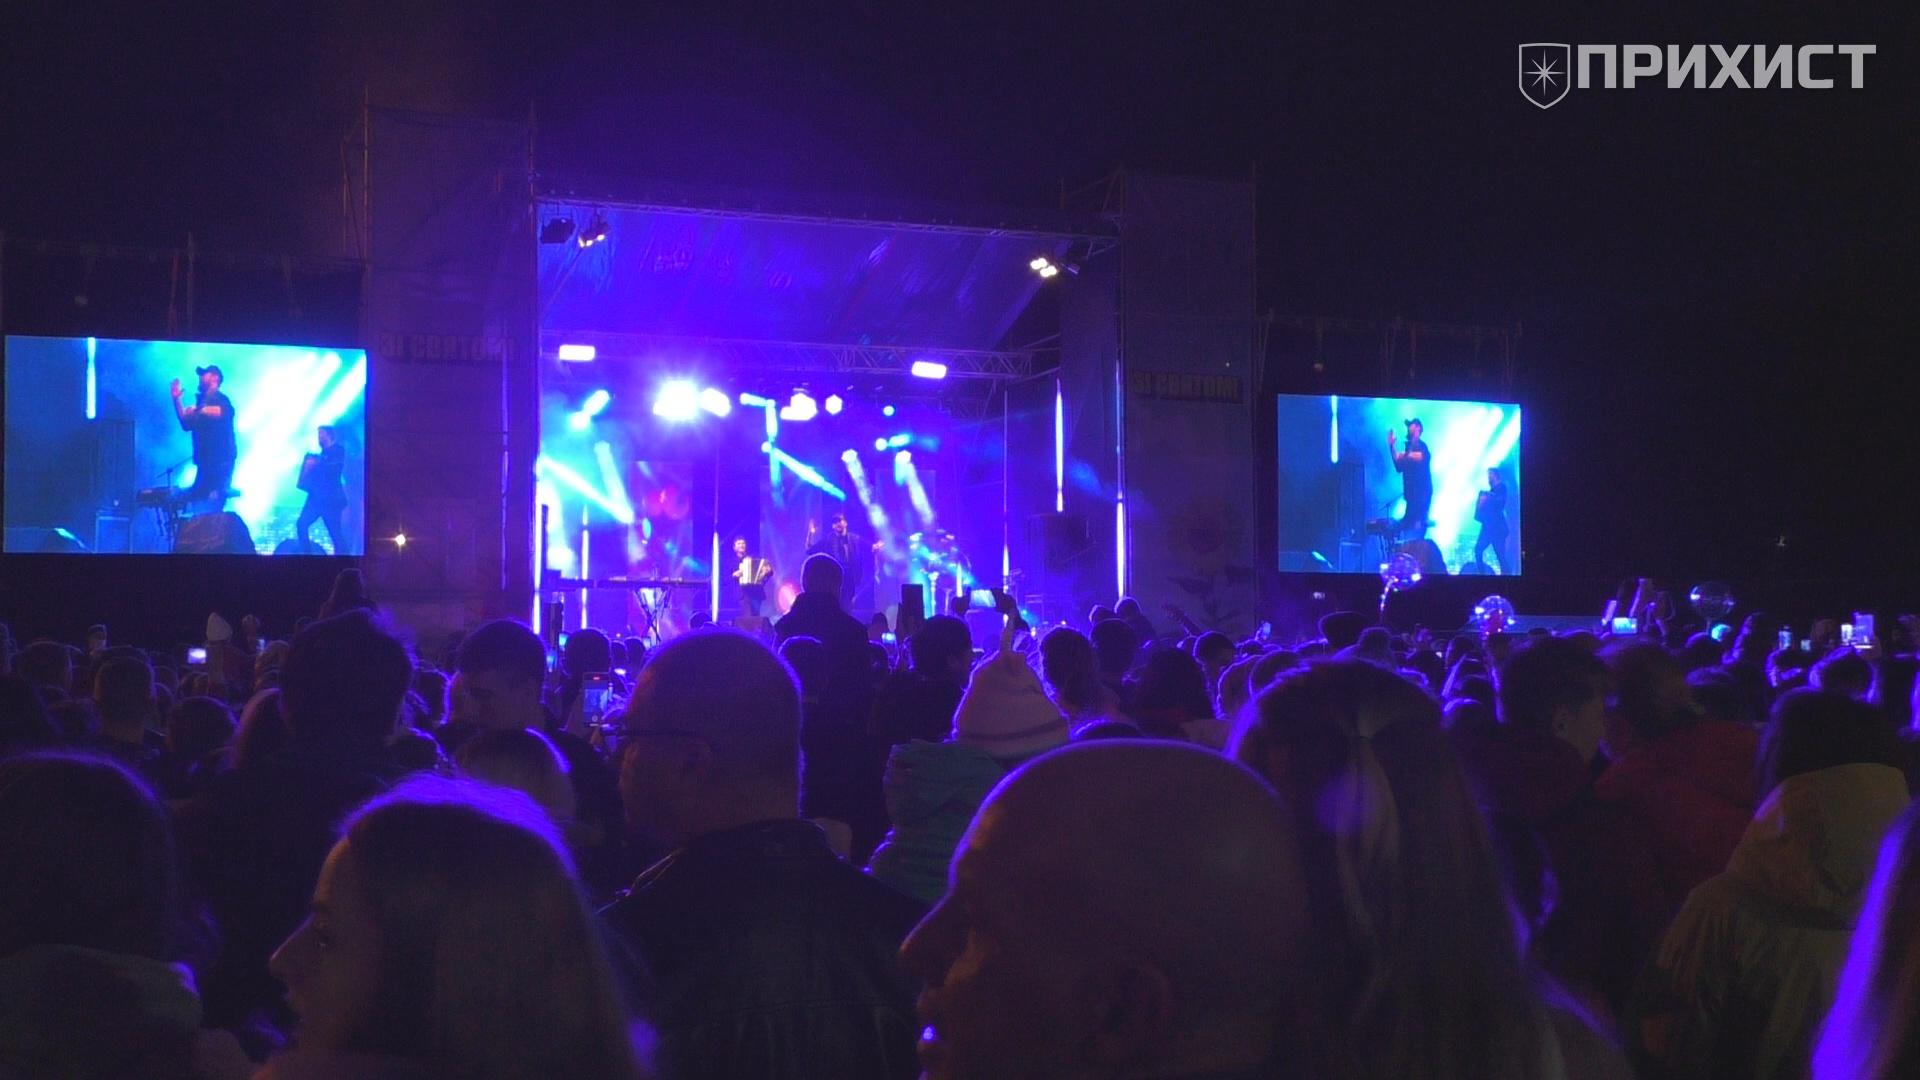 Оновлена алея та танці під Олега Кензова: як Нікополь день народження святкував | Прихист